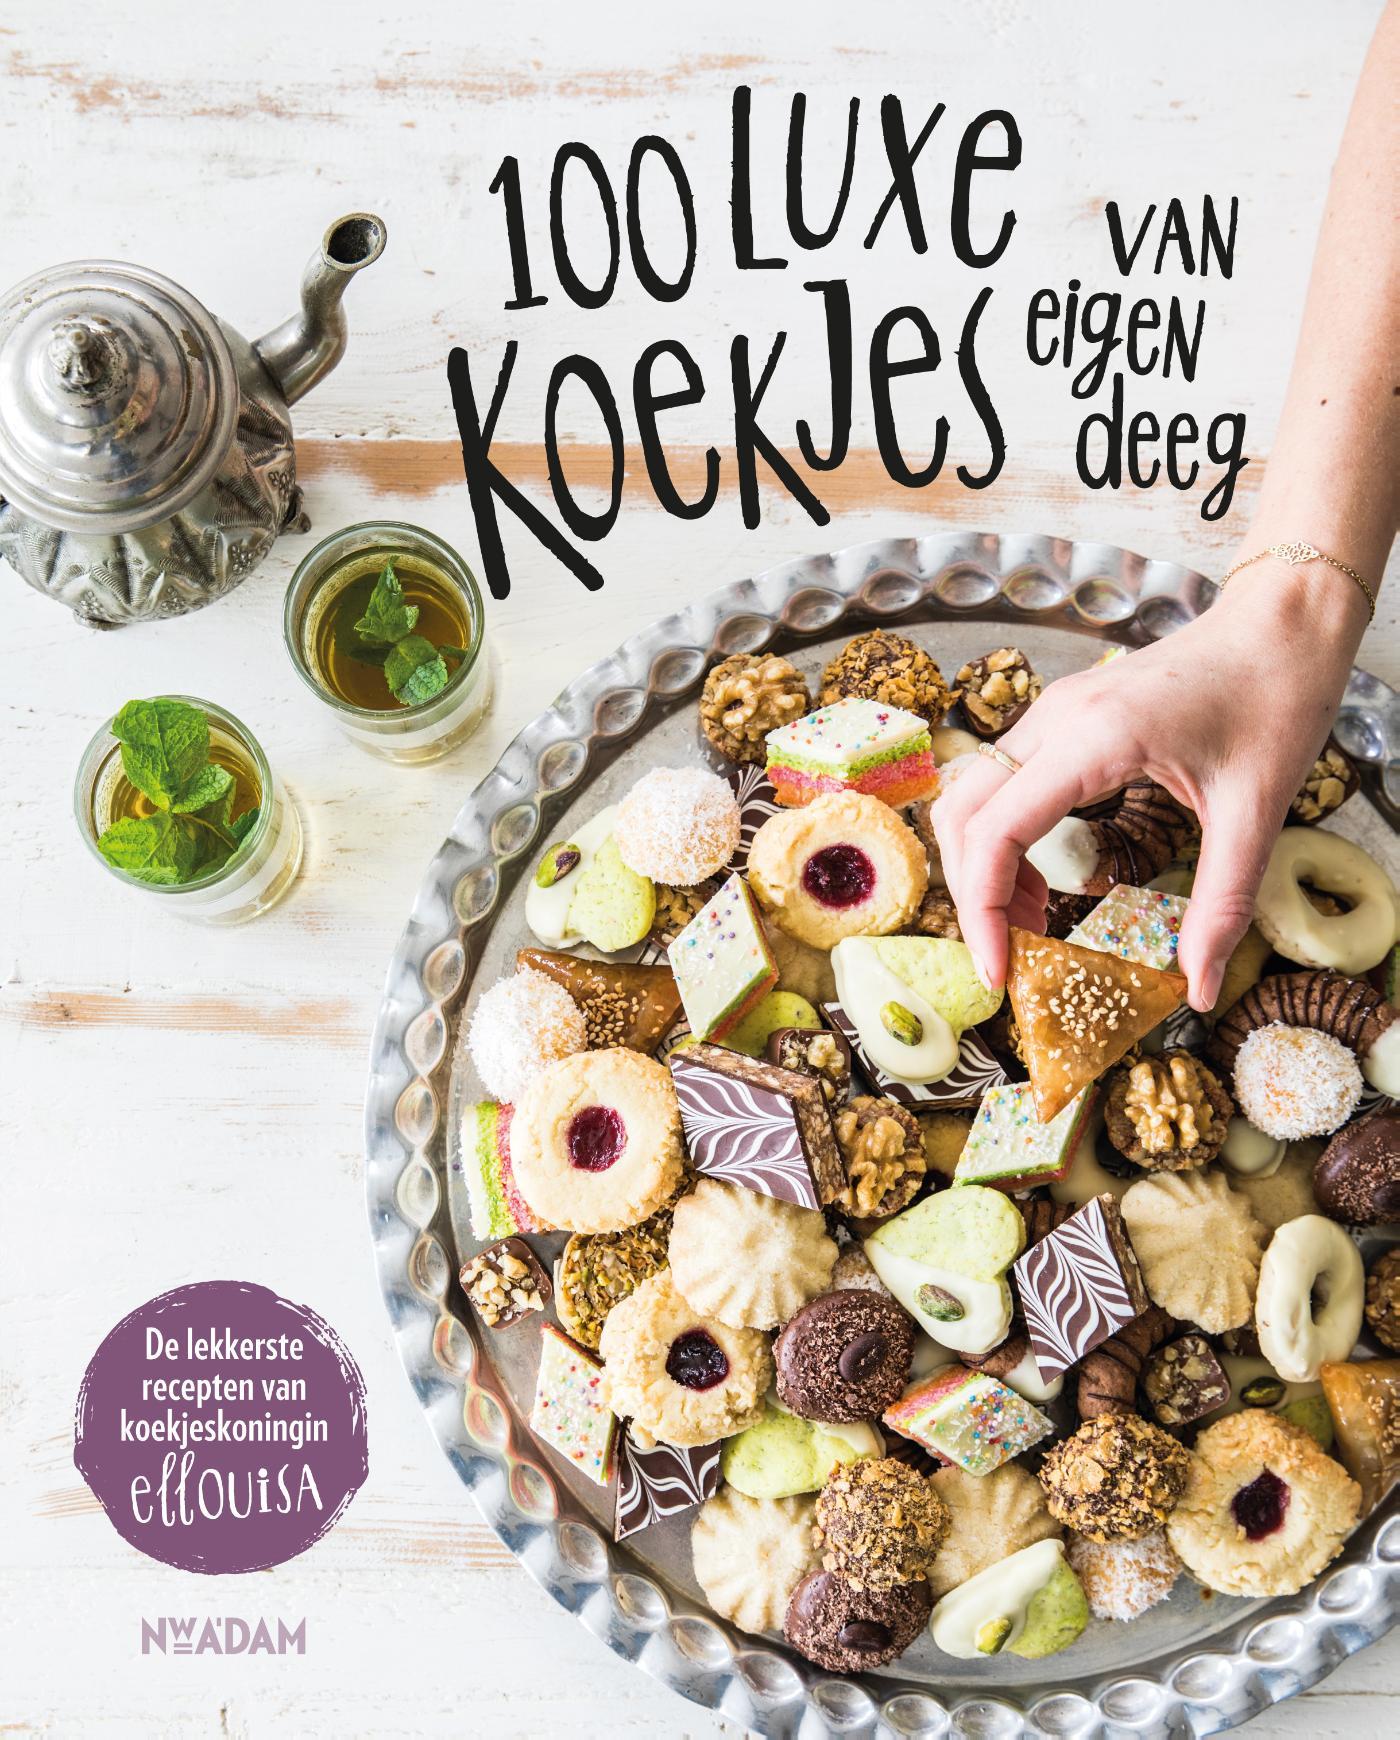 Luxe koekjes van eigen deeg +cheescakekoekjes recept